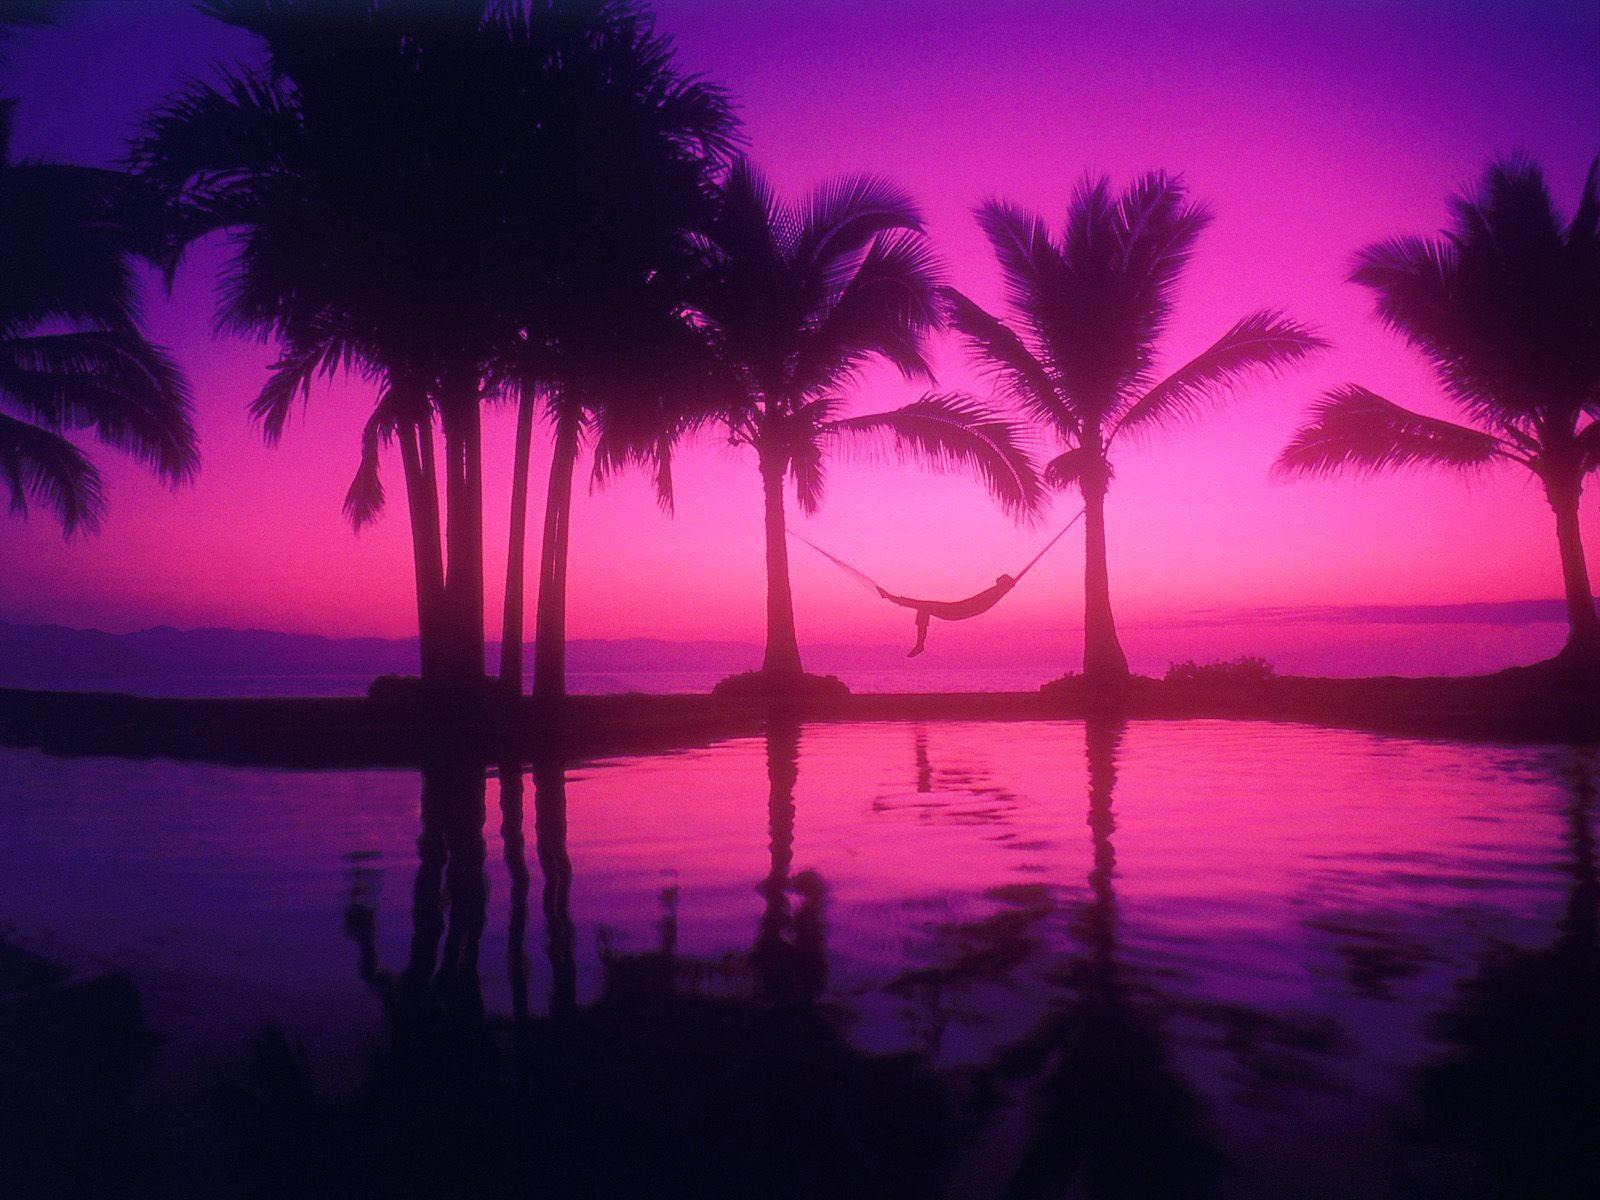 pink sunset wallpaper 1600x1200